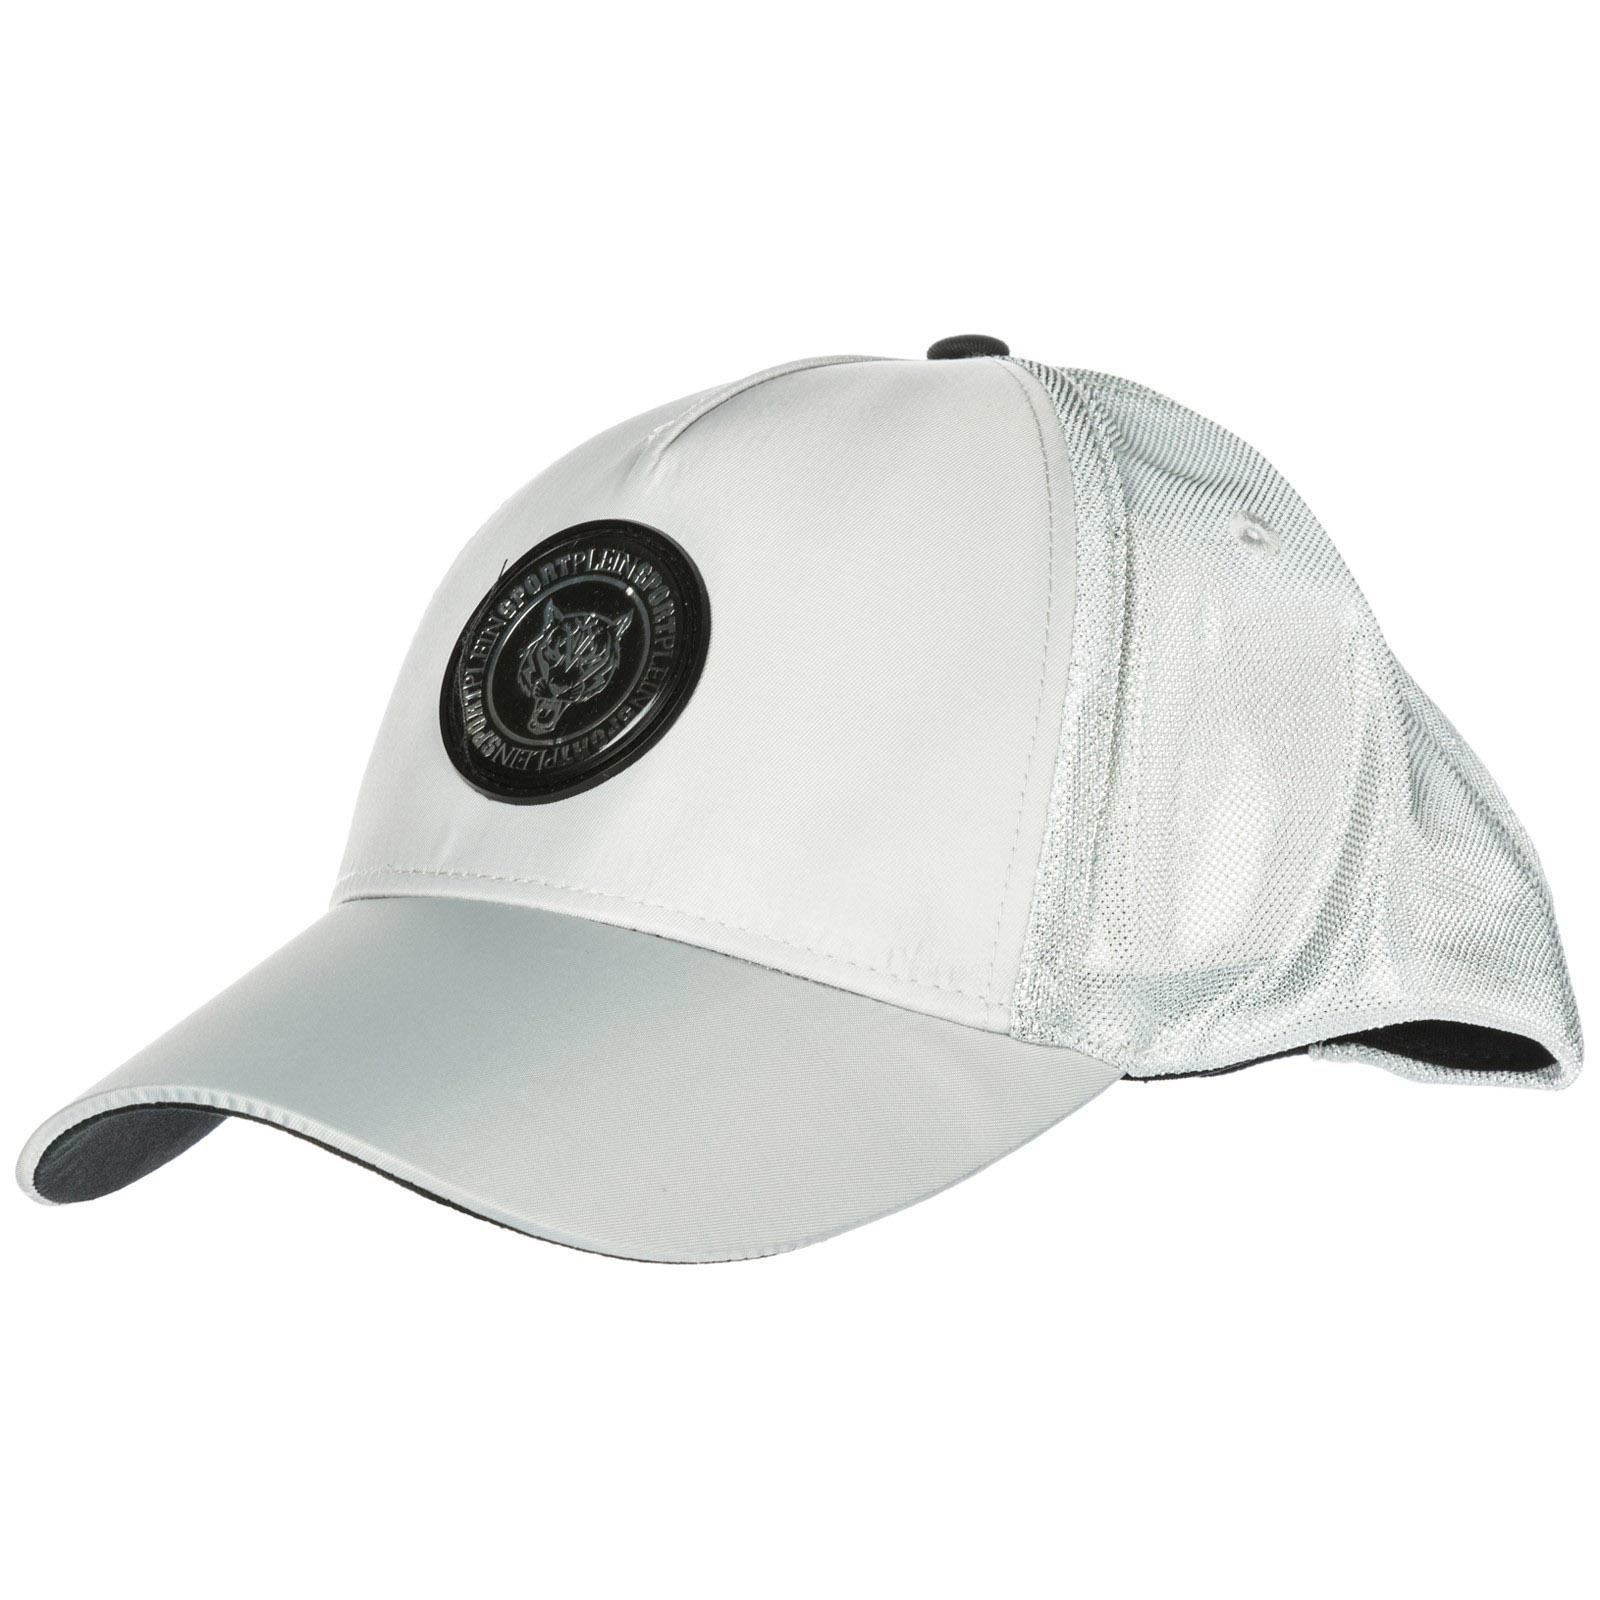 PLEIN SPORT ADJUSTABLE MEN'S HAT BASEBALL CAP  FOREVER FROZEN